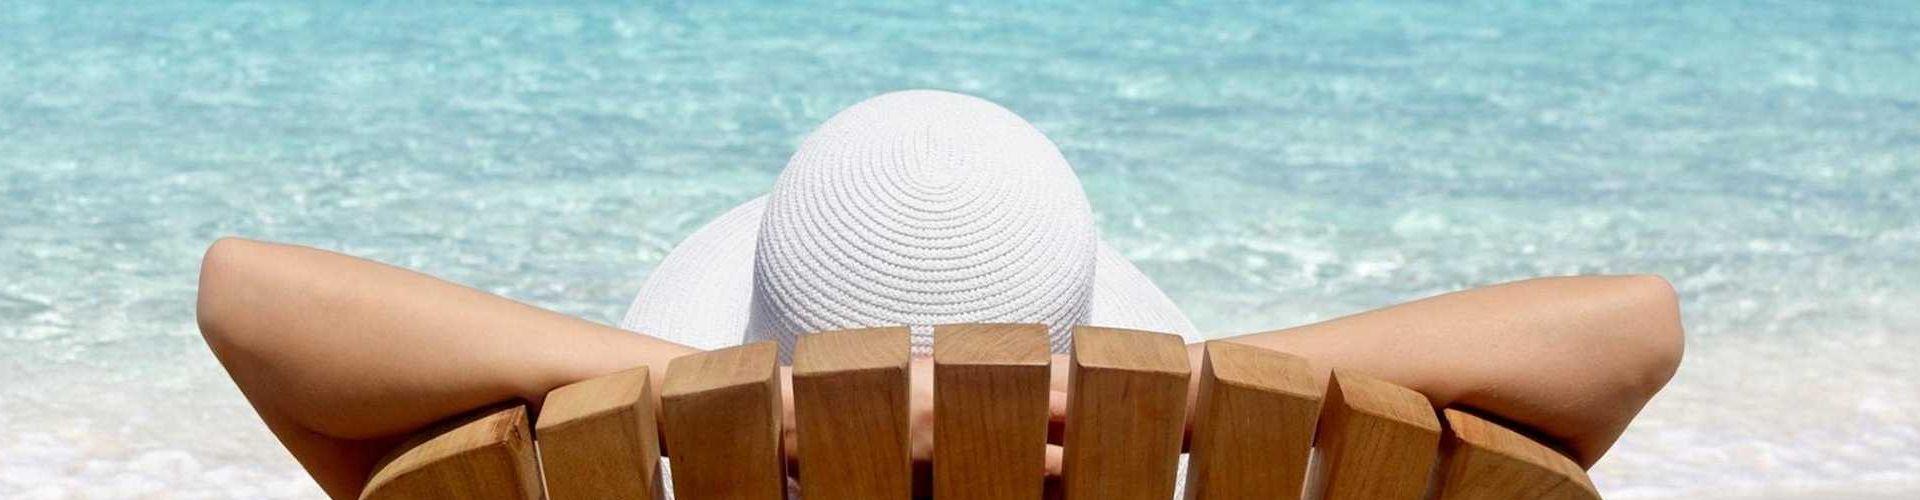 Willkommen im Urlaub